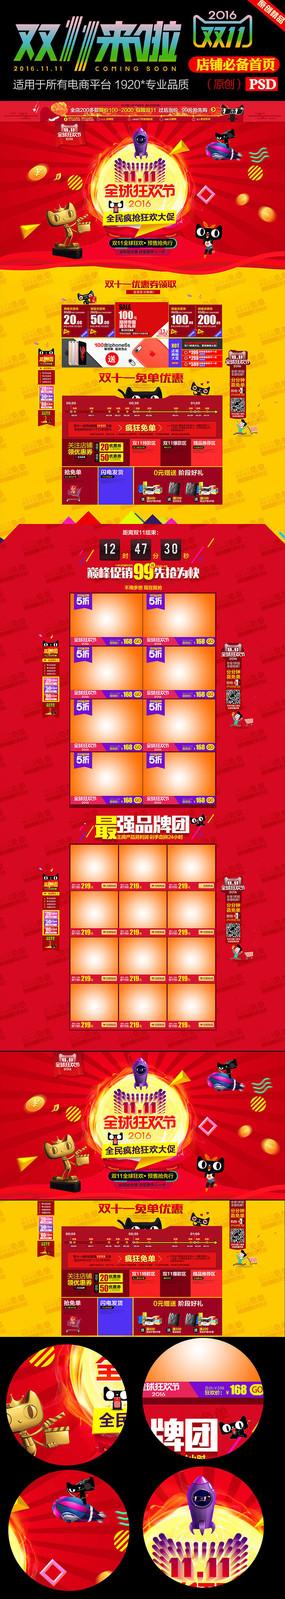 淘宝天猫爆款双11全球狂欢节首页装修模板